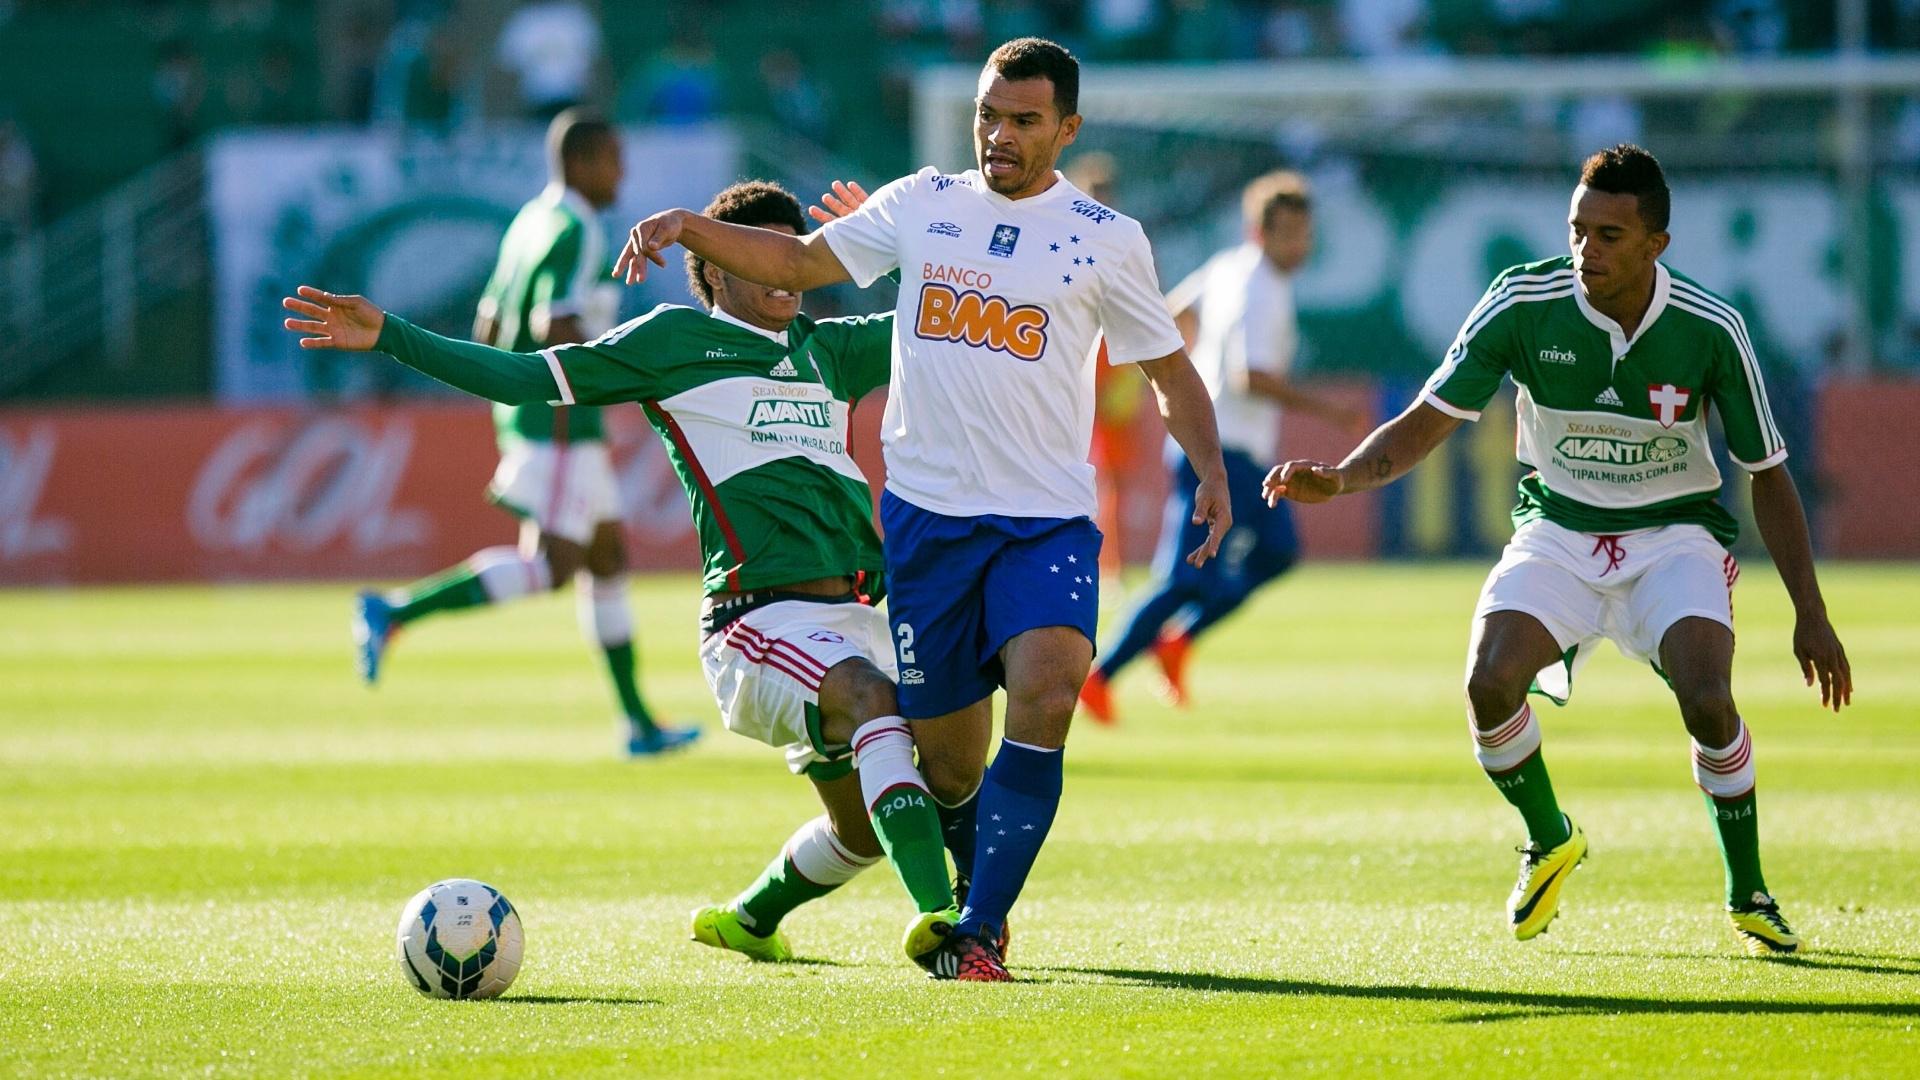 Ceará tenta jogada pelo Cruzeiro com Leandro na marcação